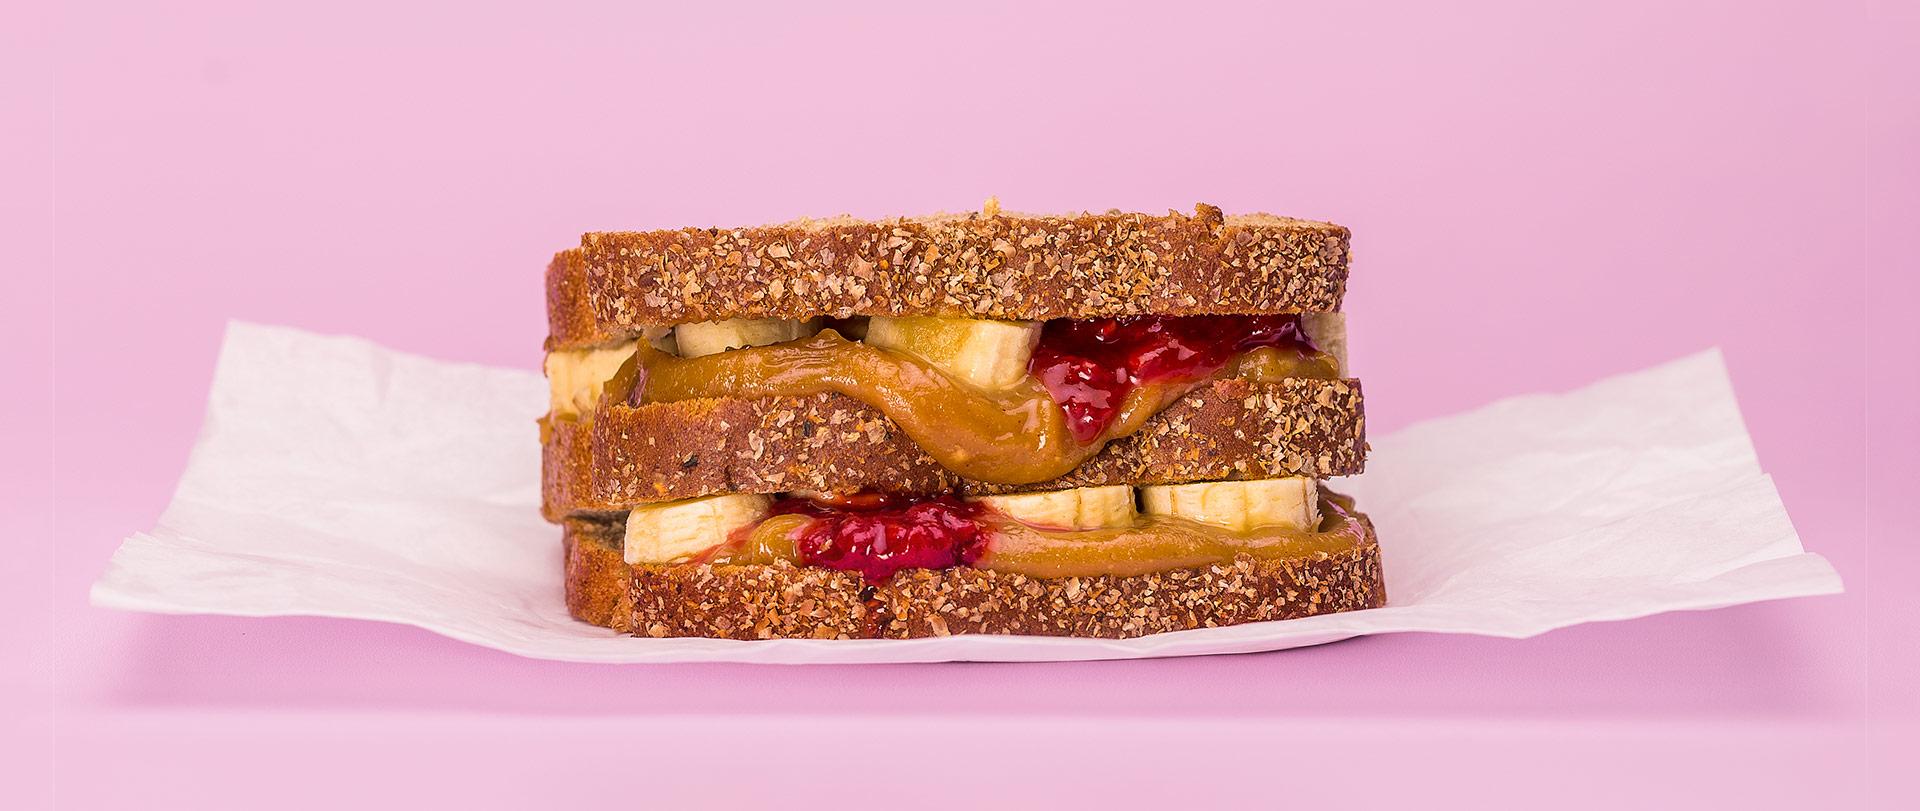 Sanduíche de banana com geleia de morango